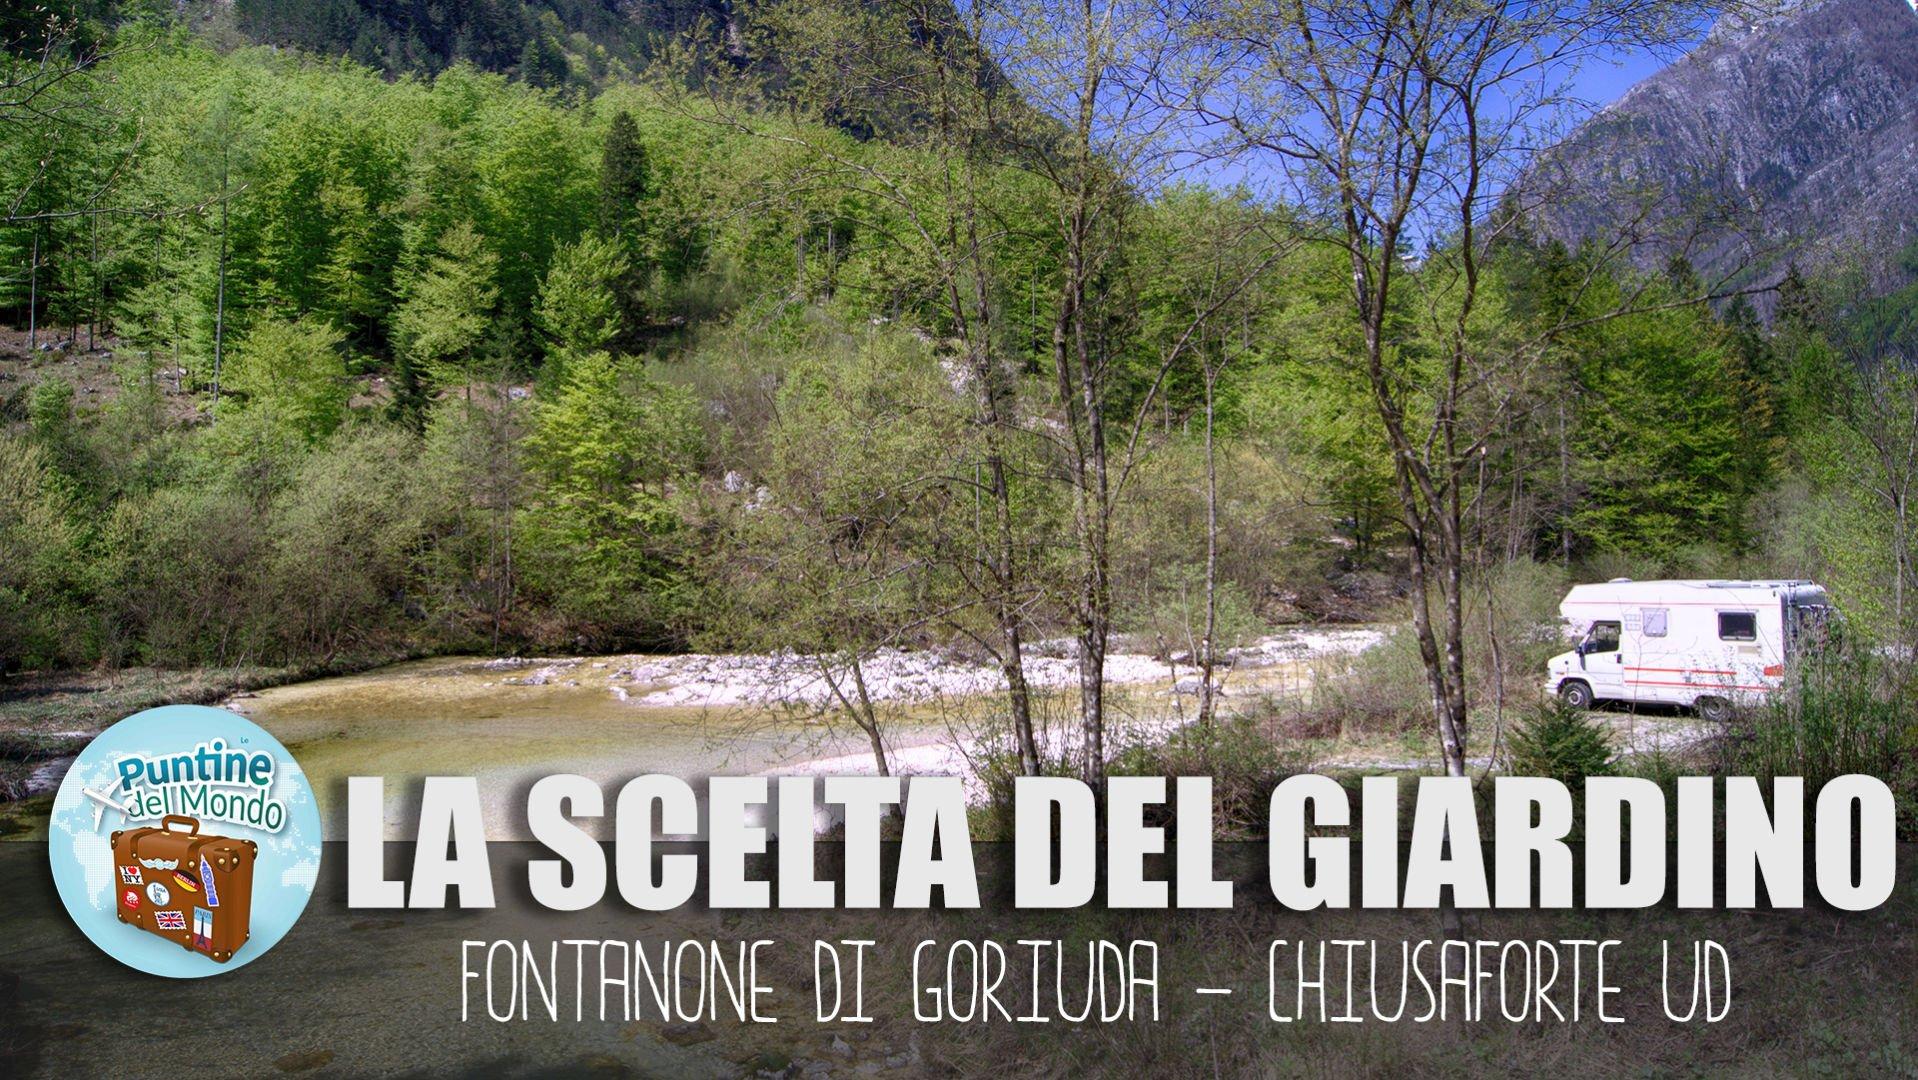 La scelta del giardino - Fontanone di Goriuda a Chiusaforte UD